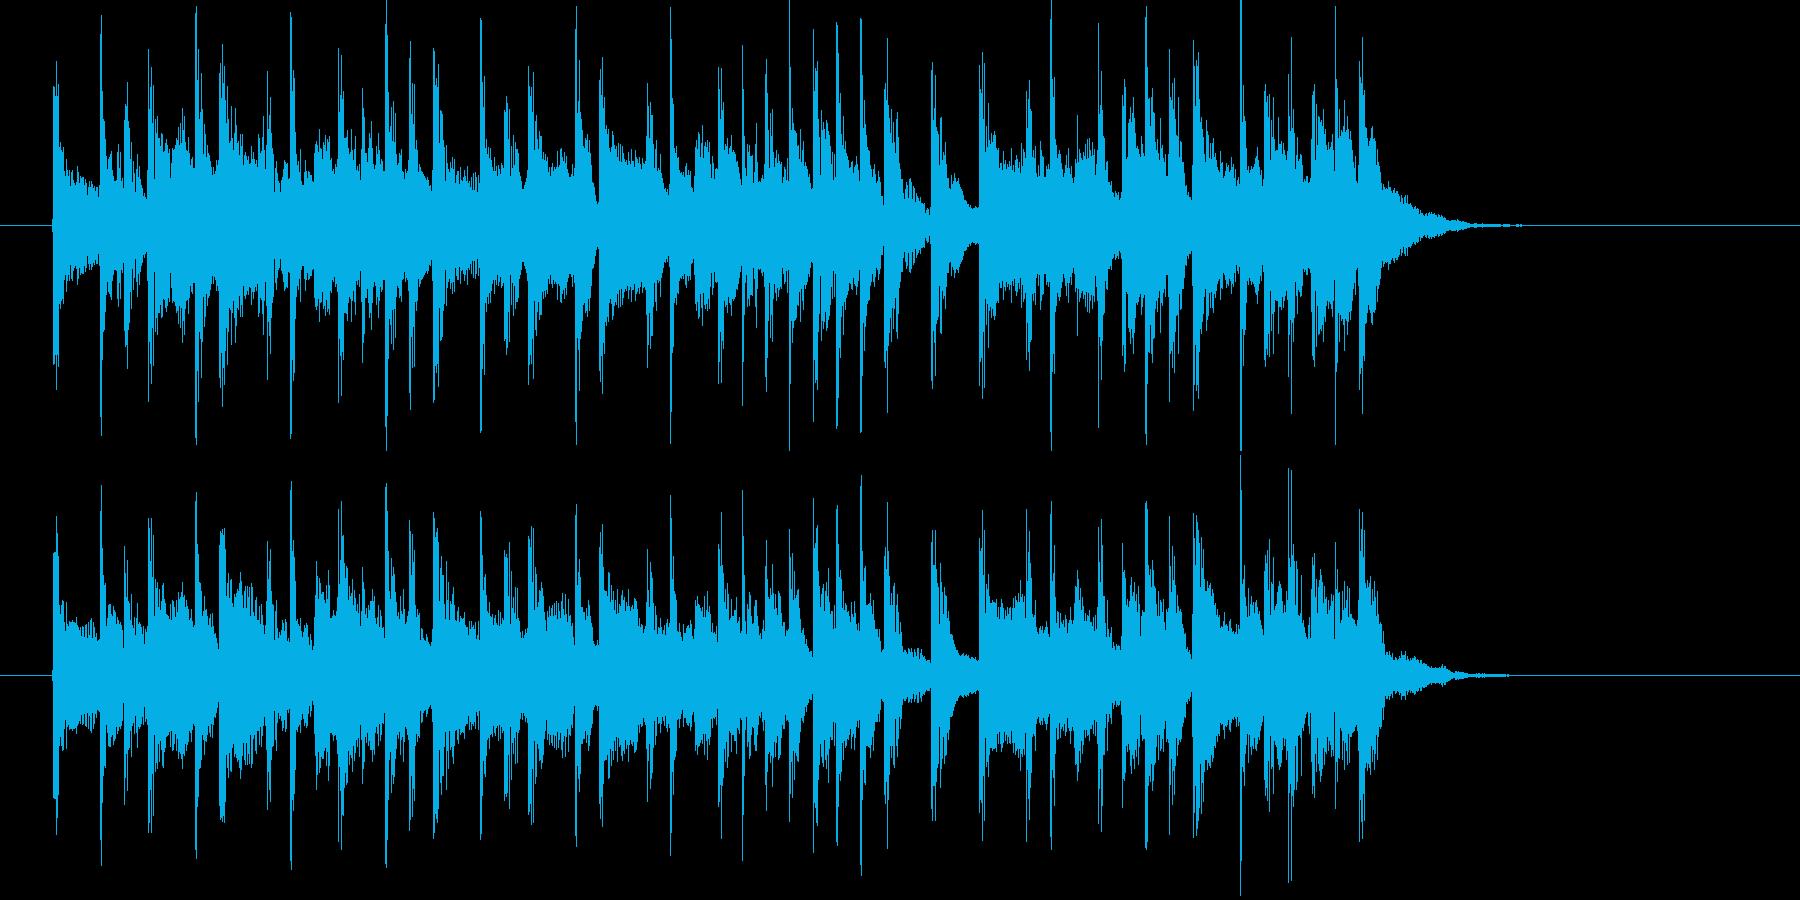 キラキラとした明るいサウンドの再生済みの波形